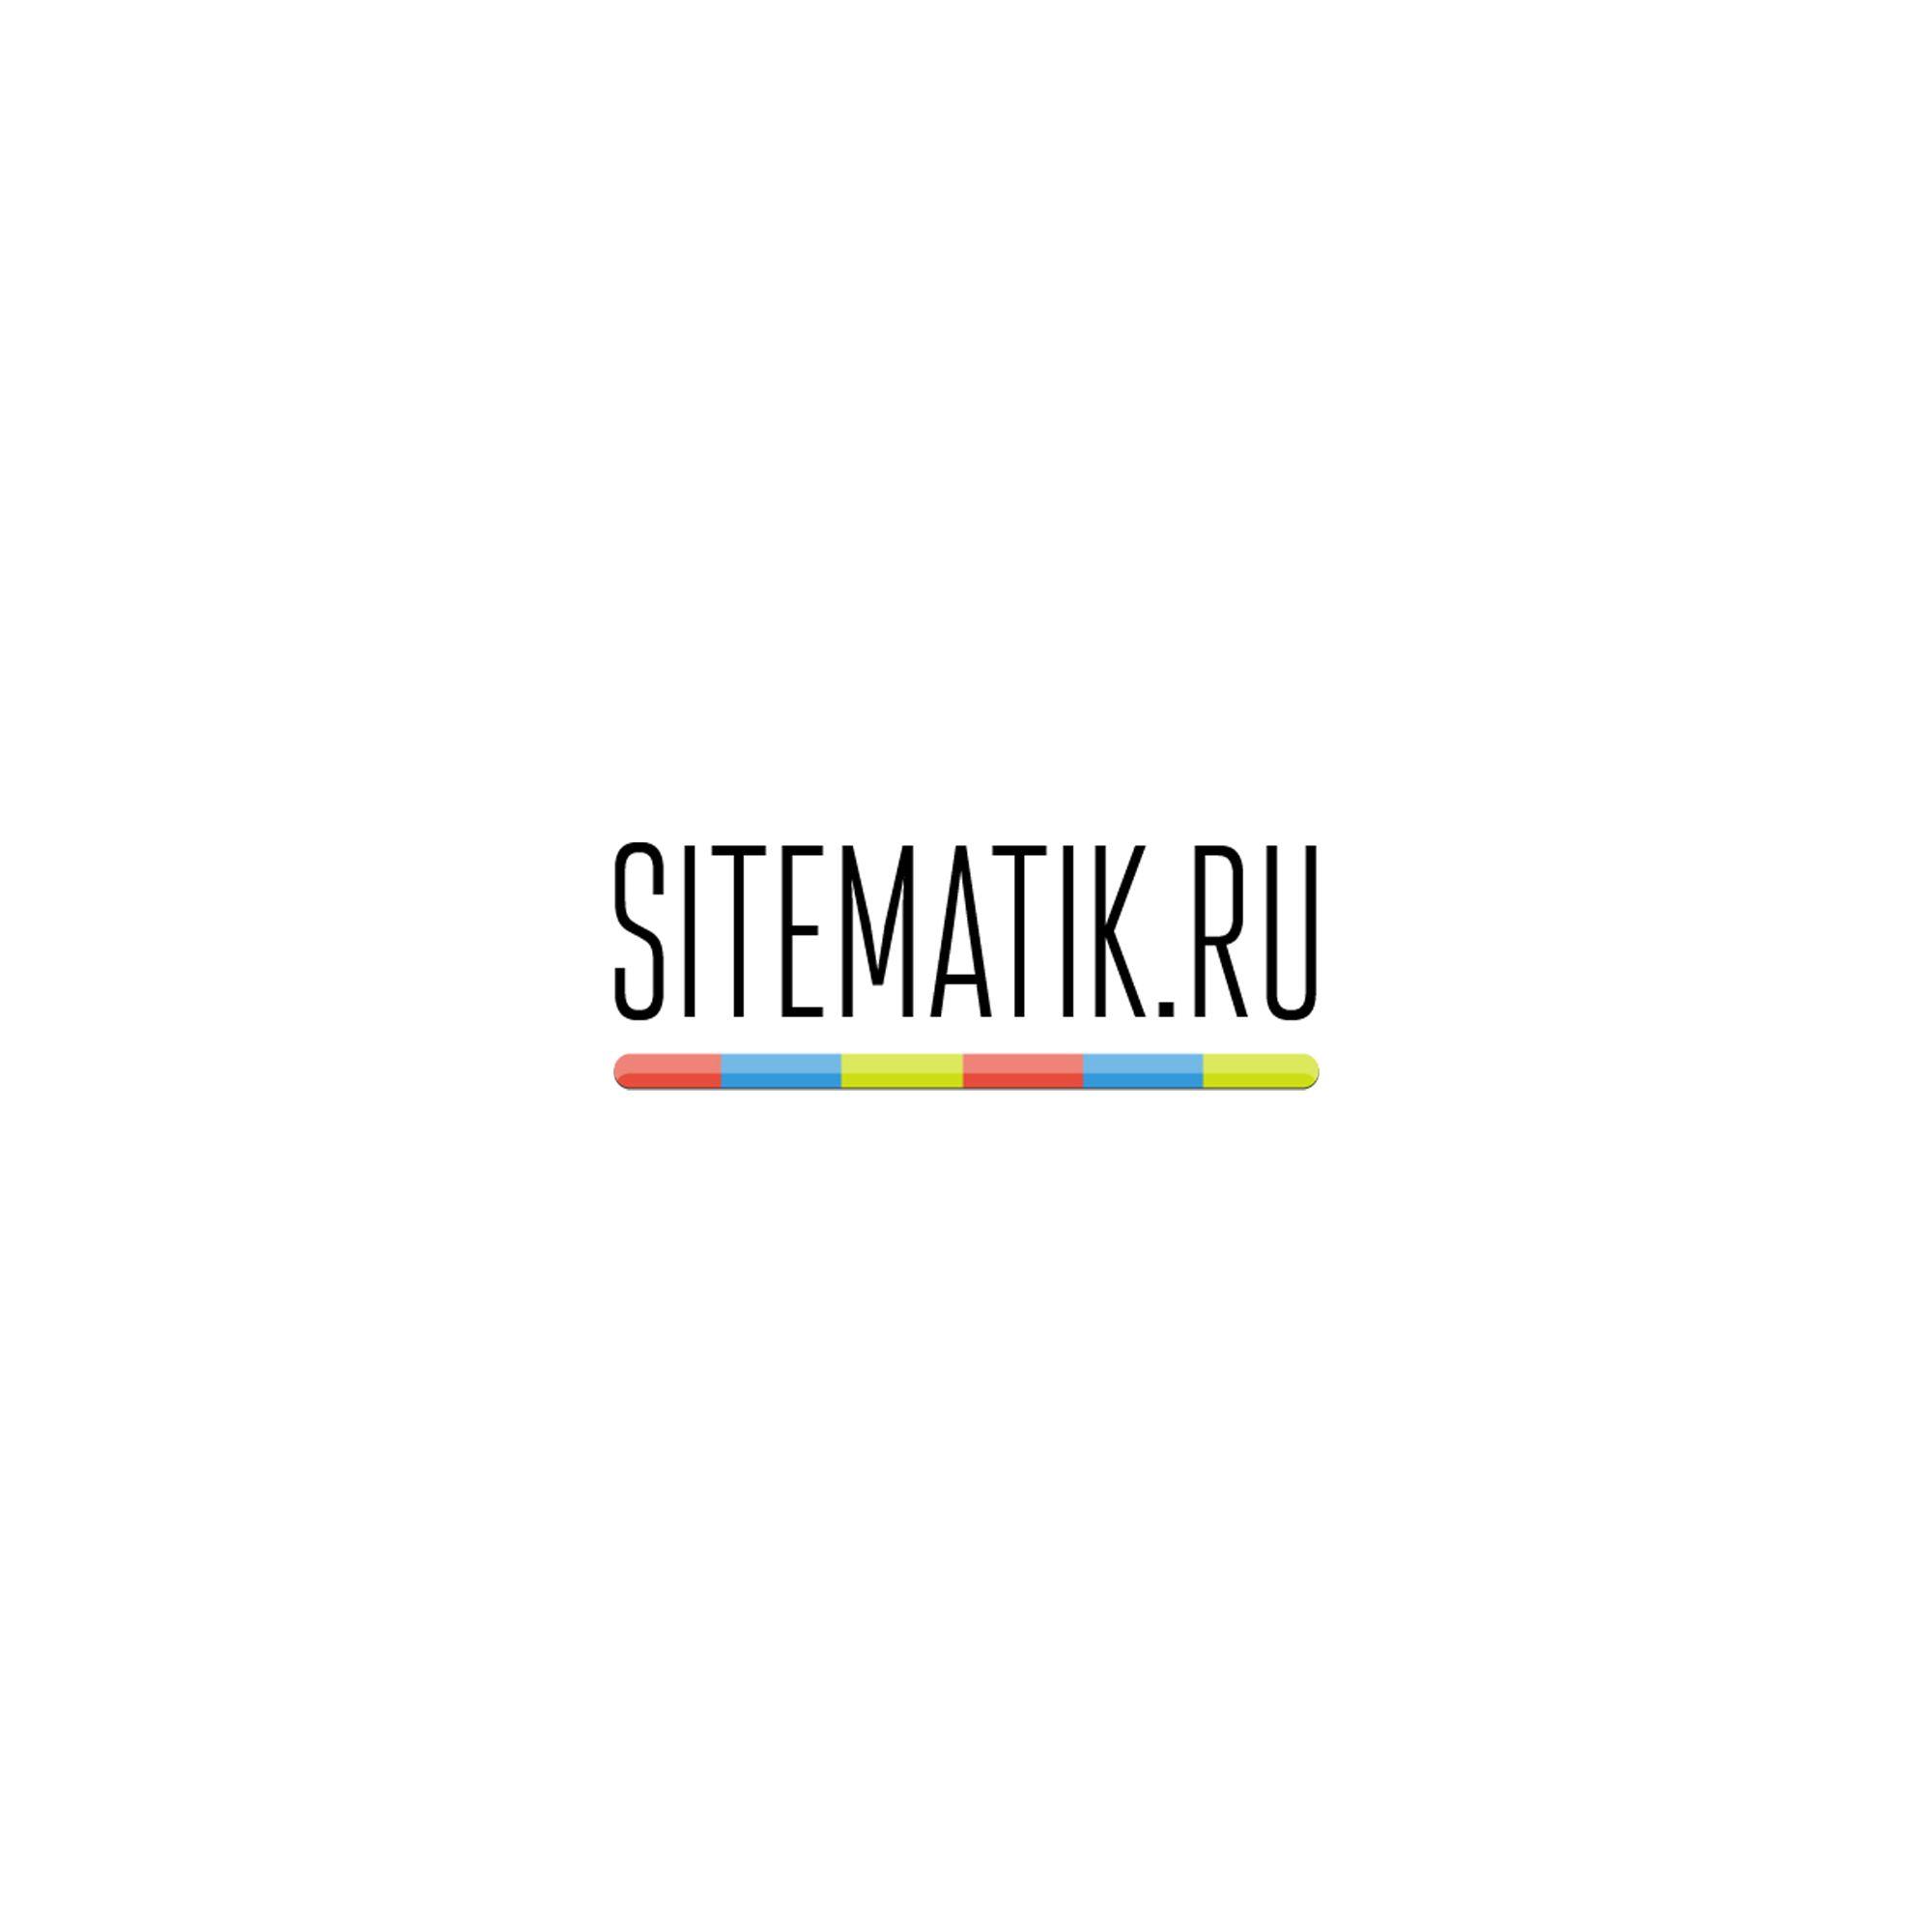 Логотип для Веб-студии - дизайнер Green